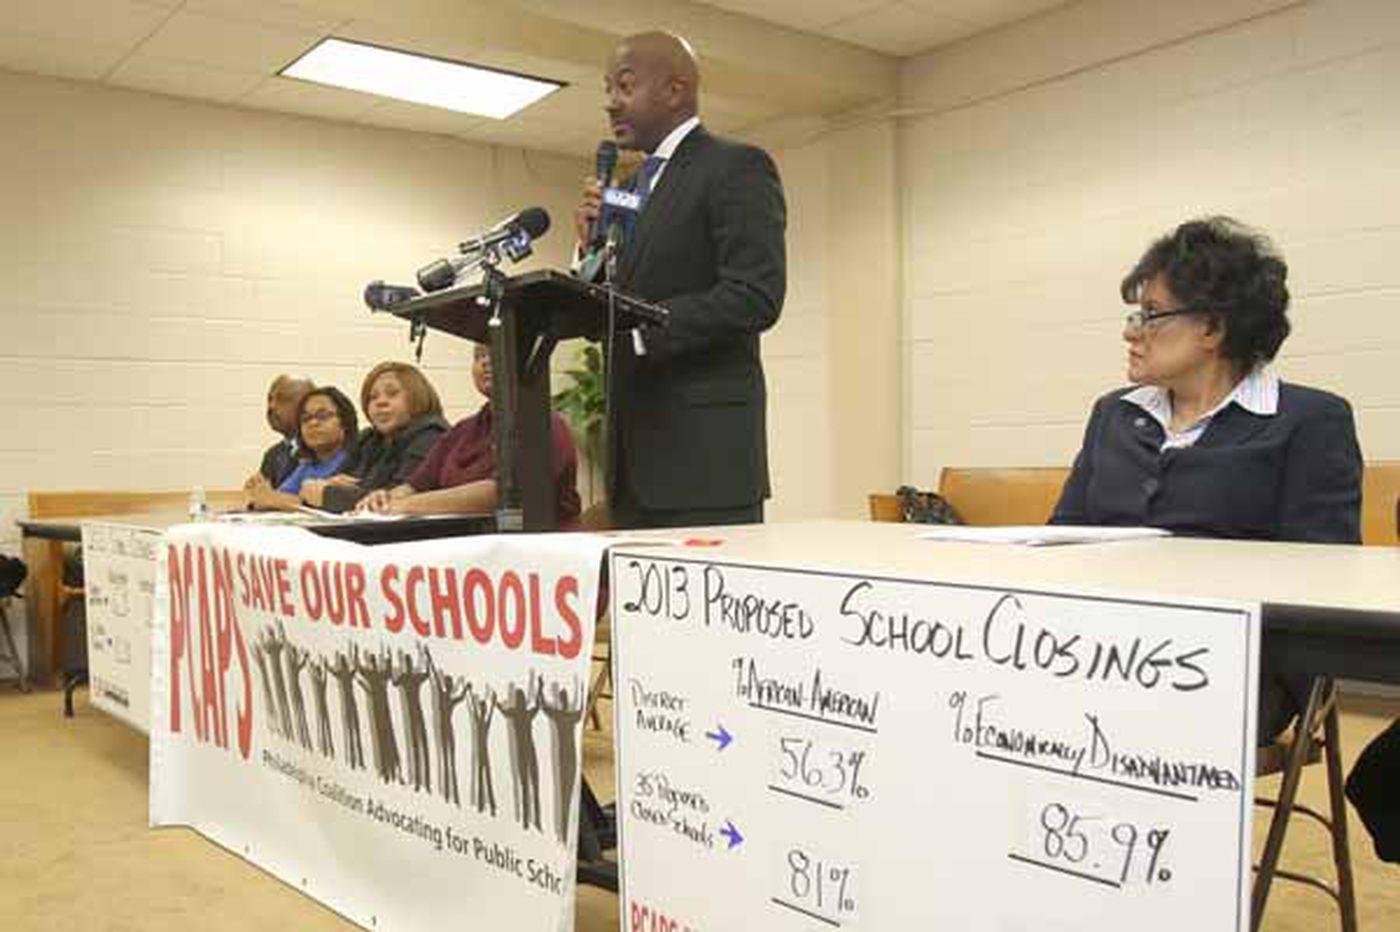 City school closings target vulnerable students, critics say